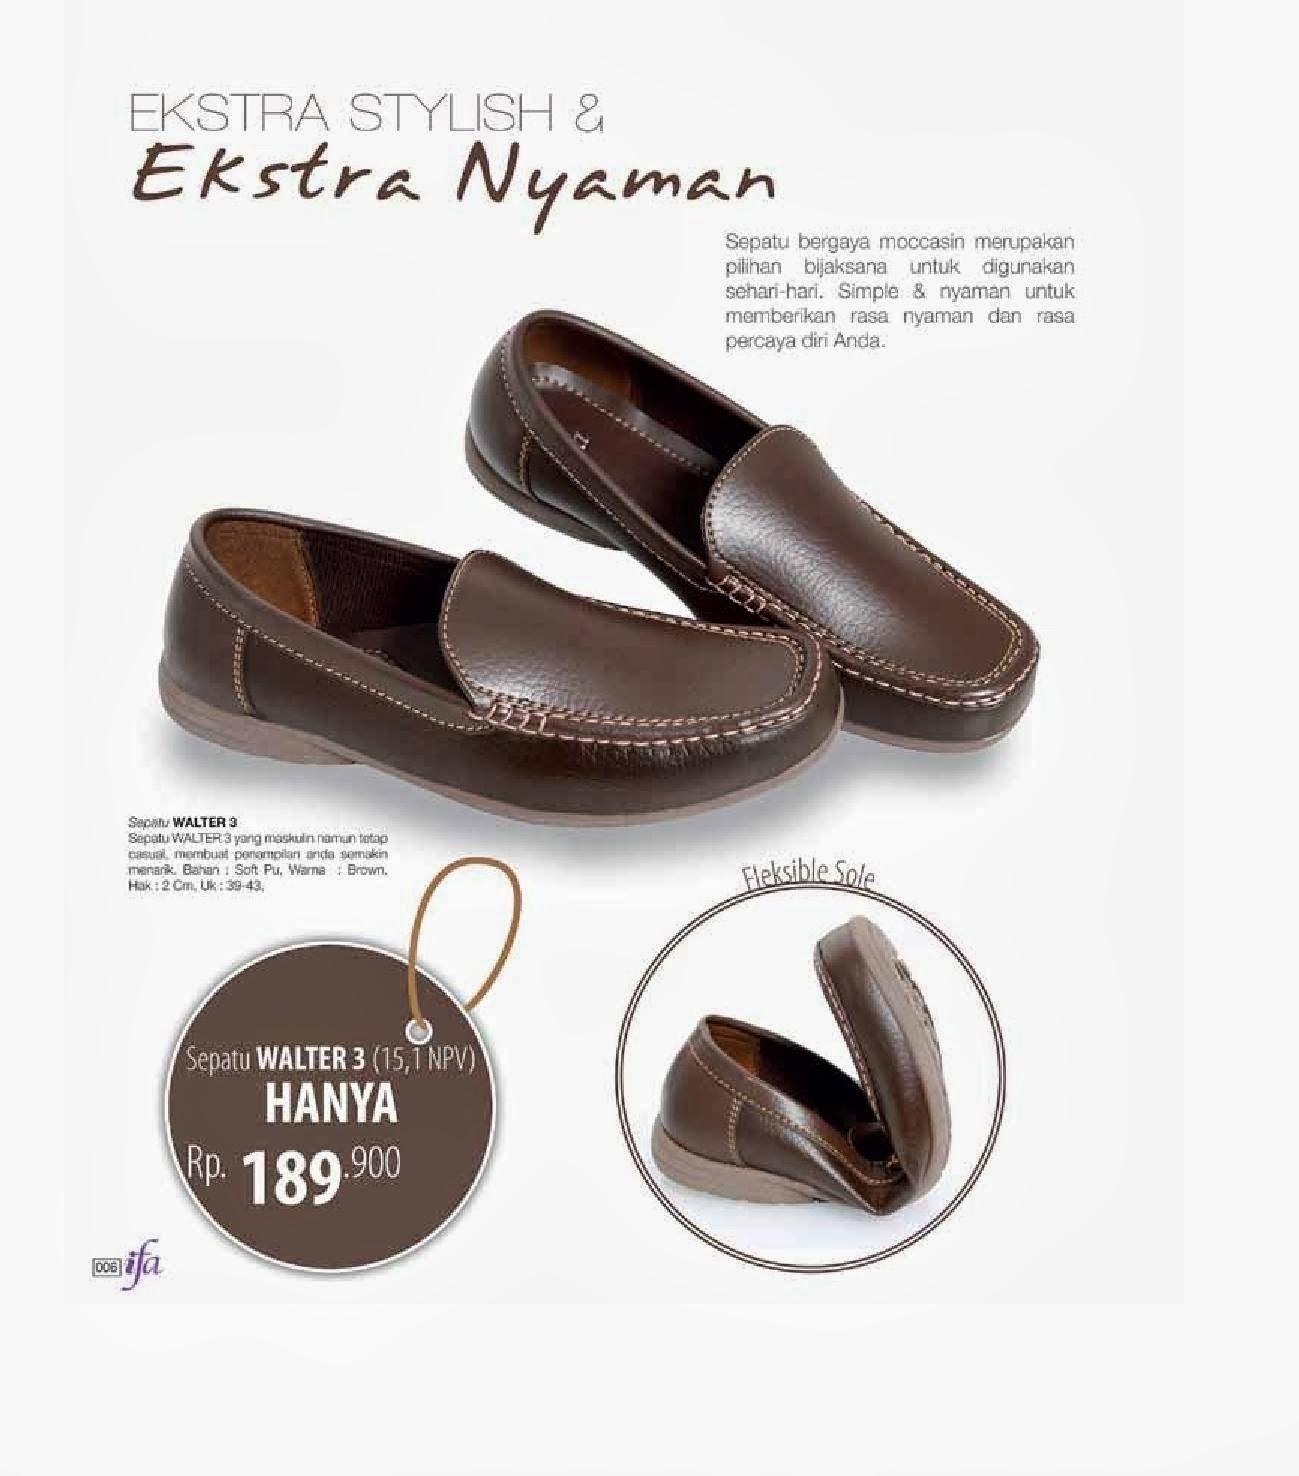 Koleksi Sepatu Pria ...MURAH !! Sepatu Walter 3 73ddecaef9